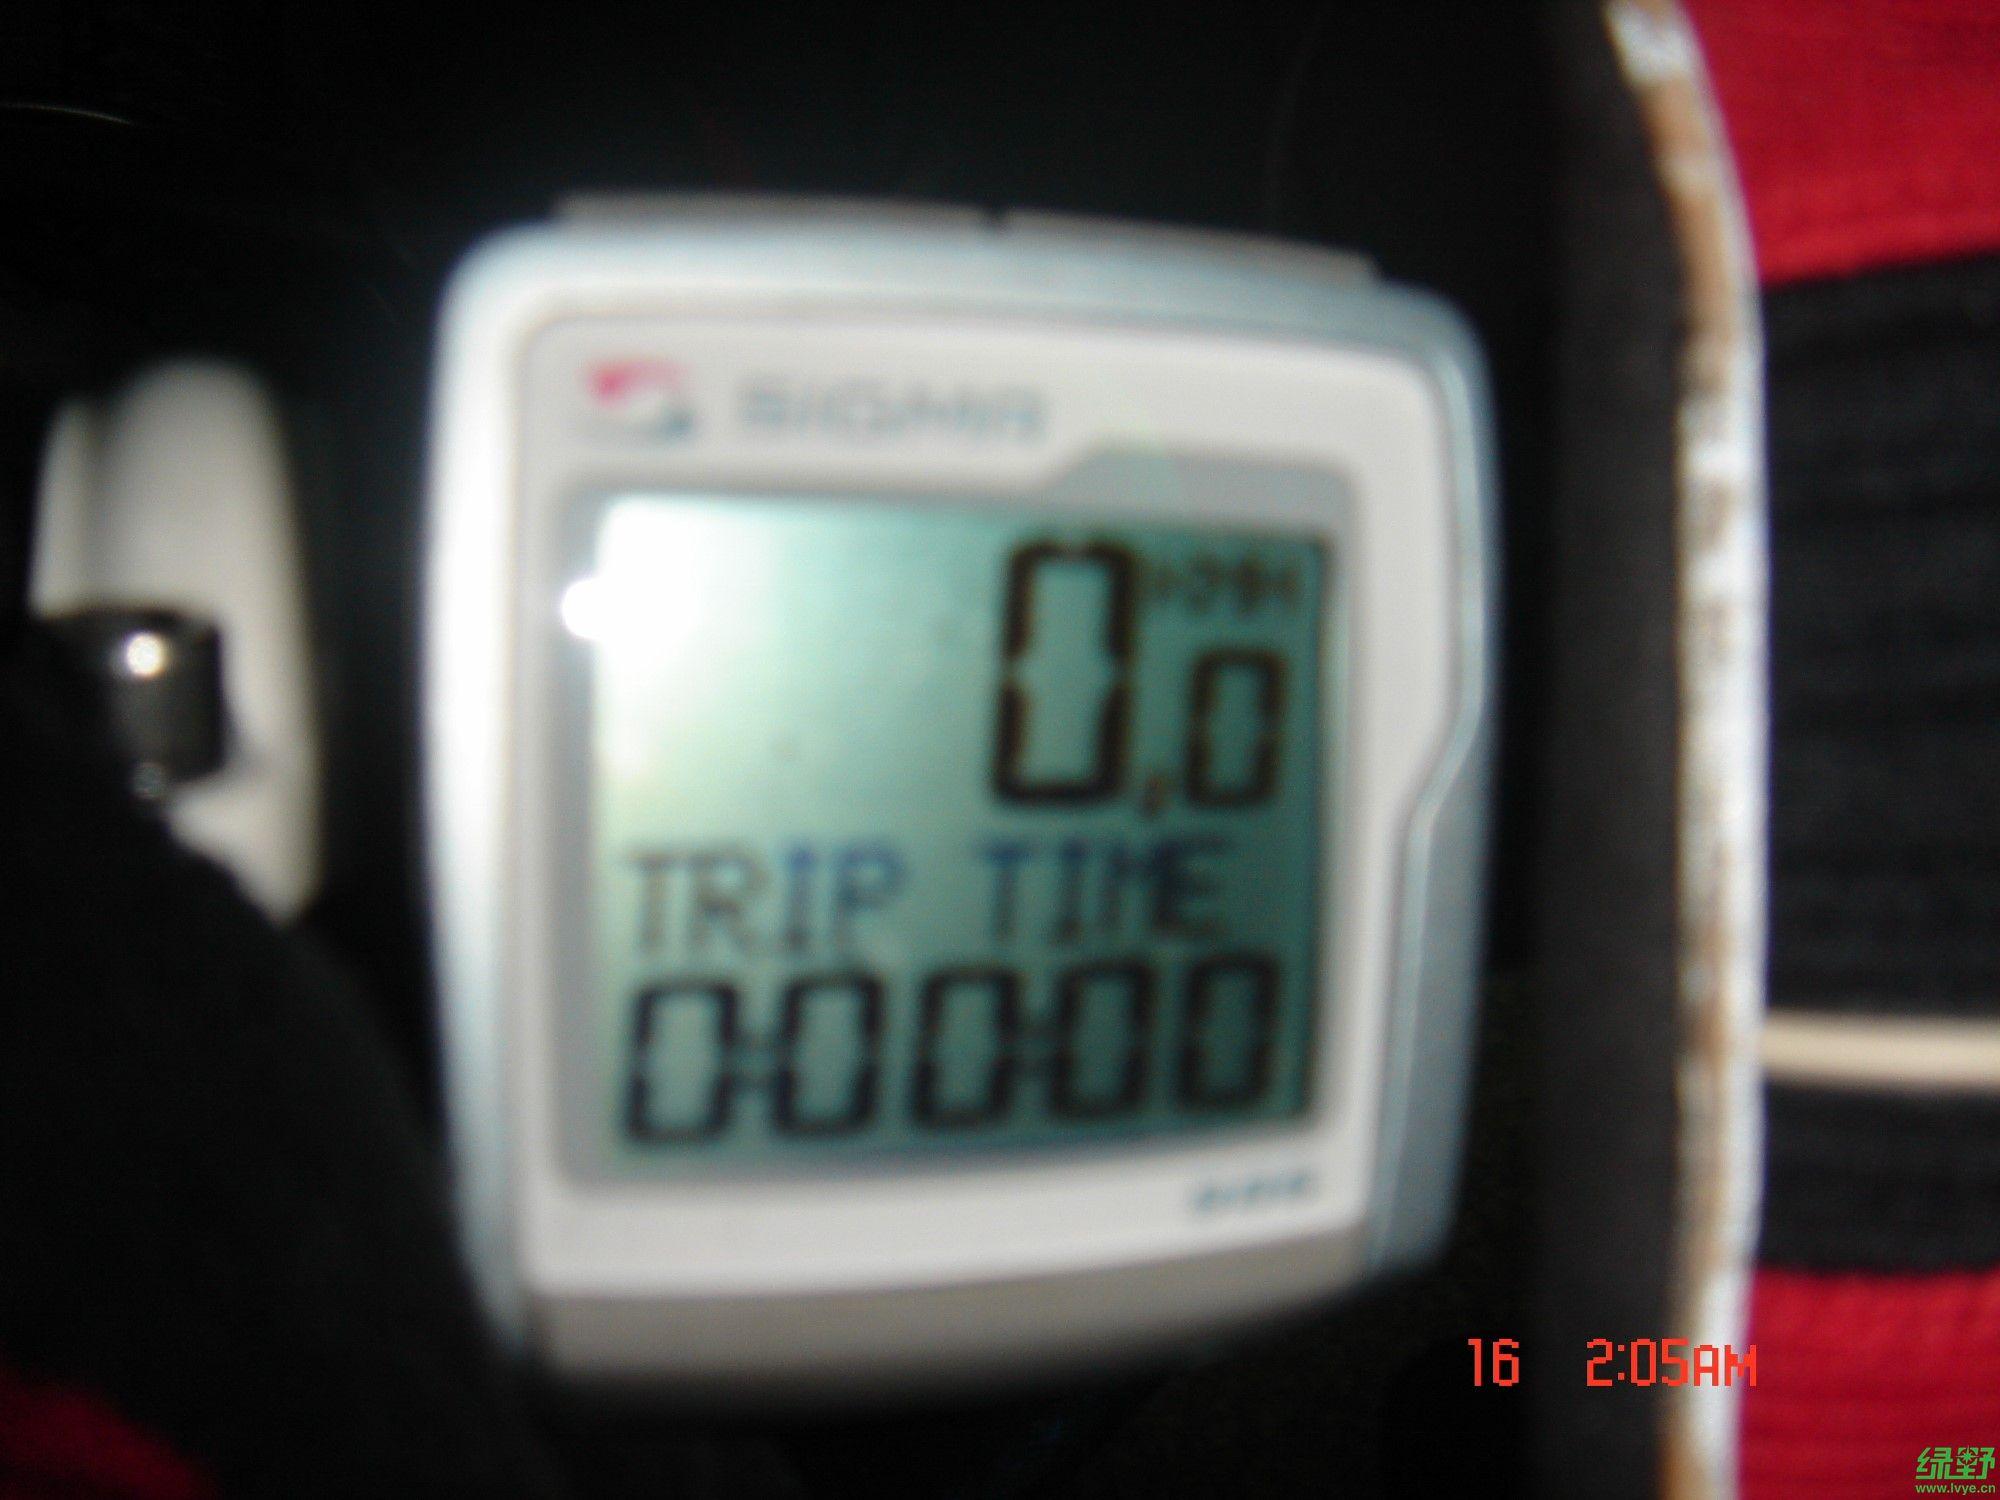 DSC05208 (2000x1500).jpg